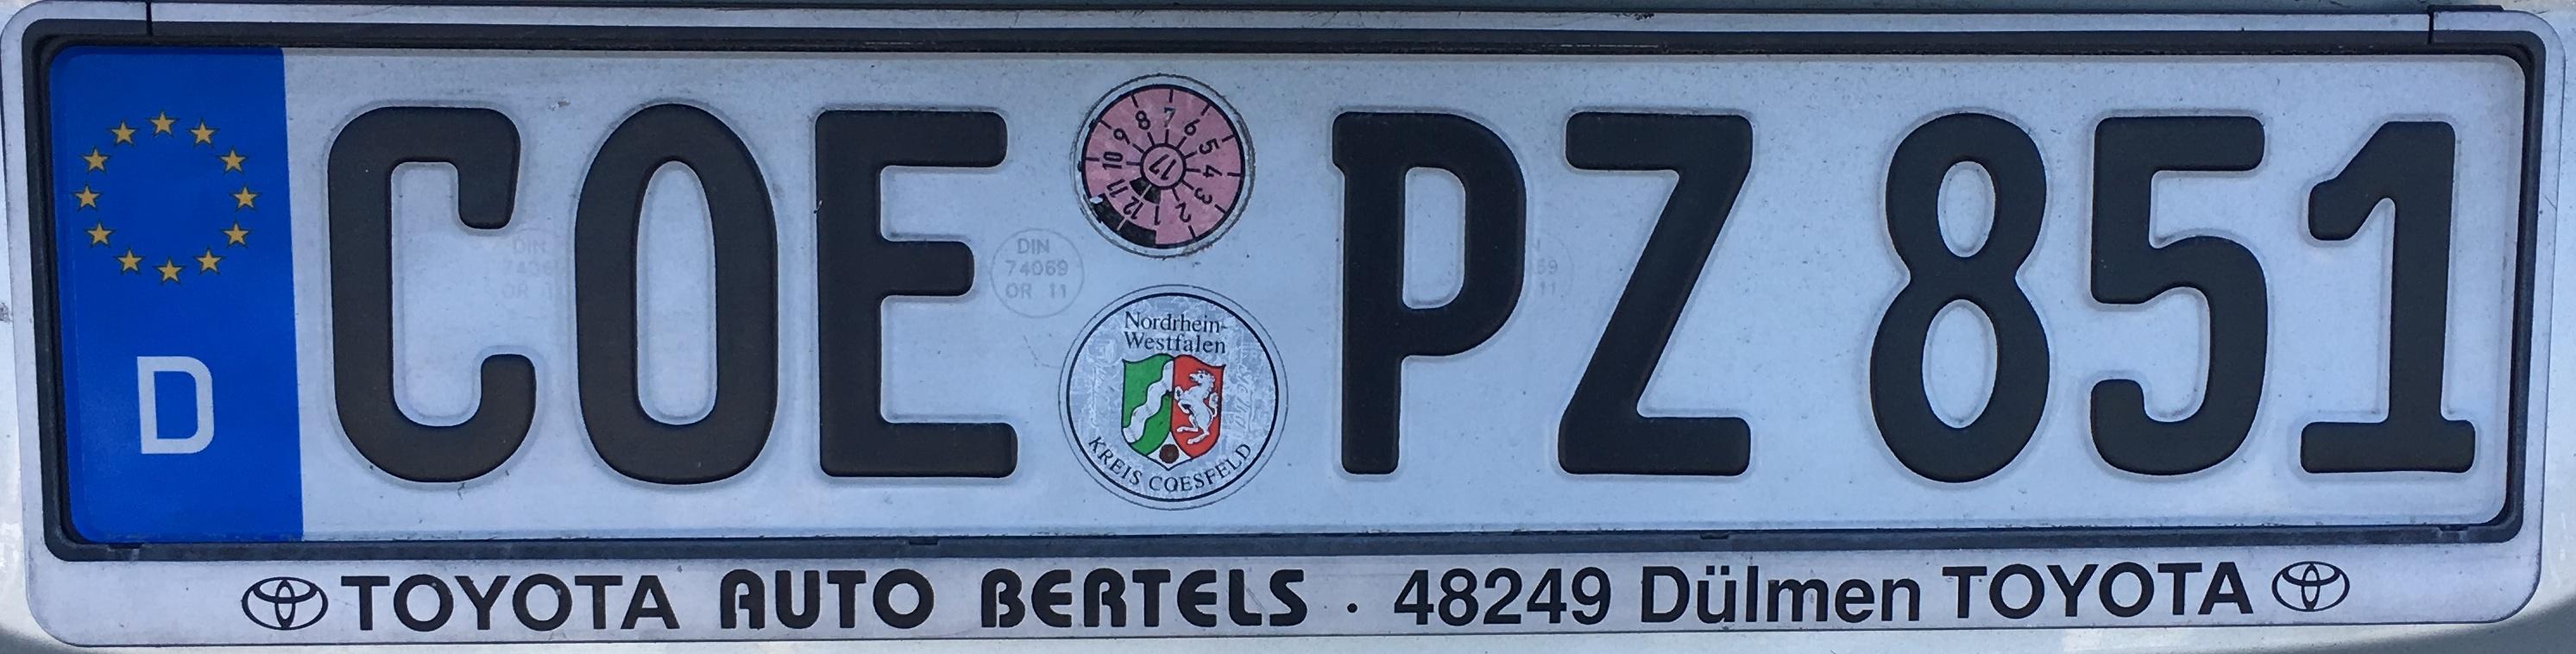 Registrační značka Německo - COE - okres Coesfeld, foto: vlastní